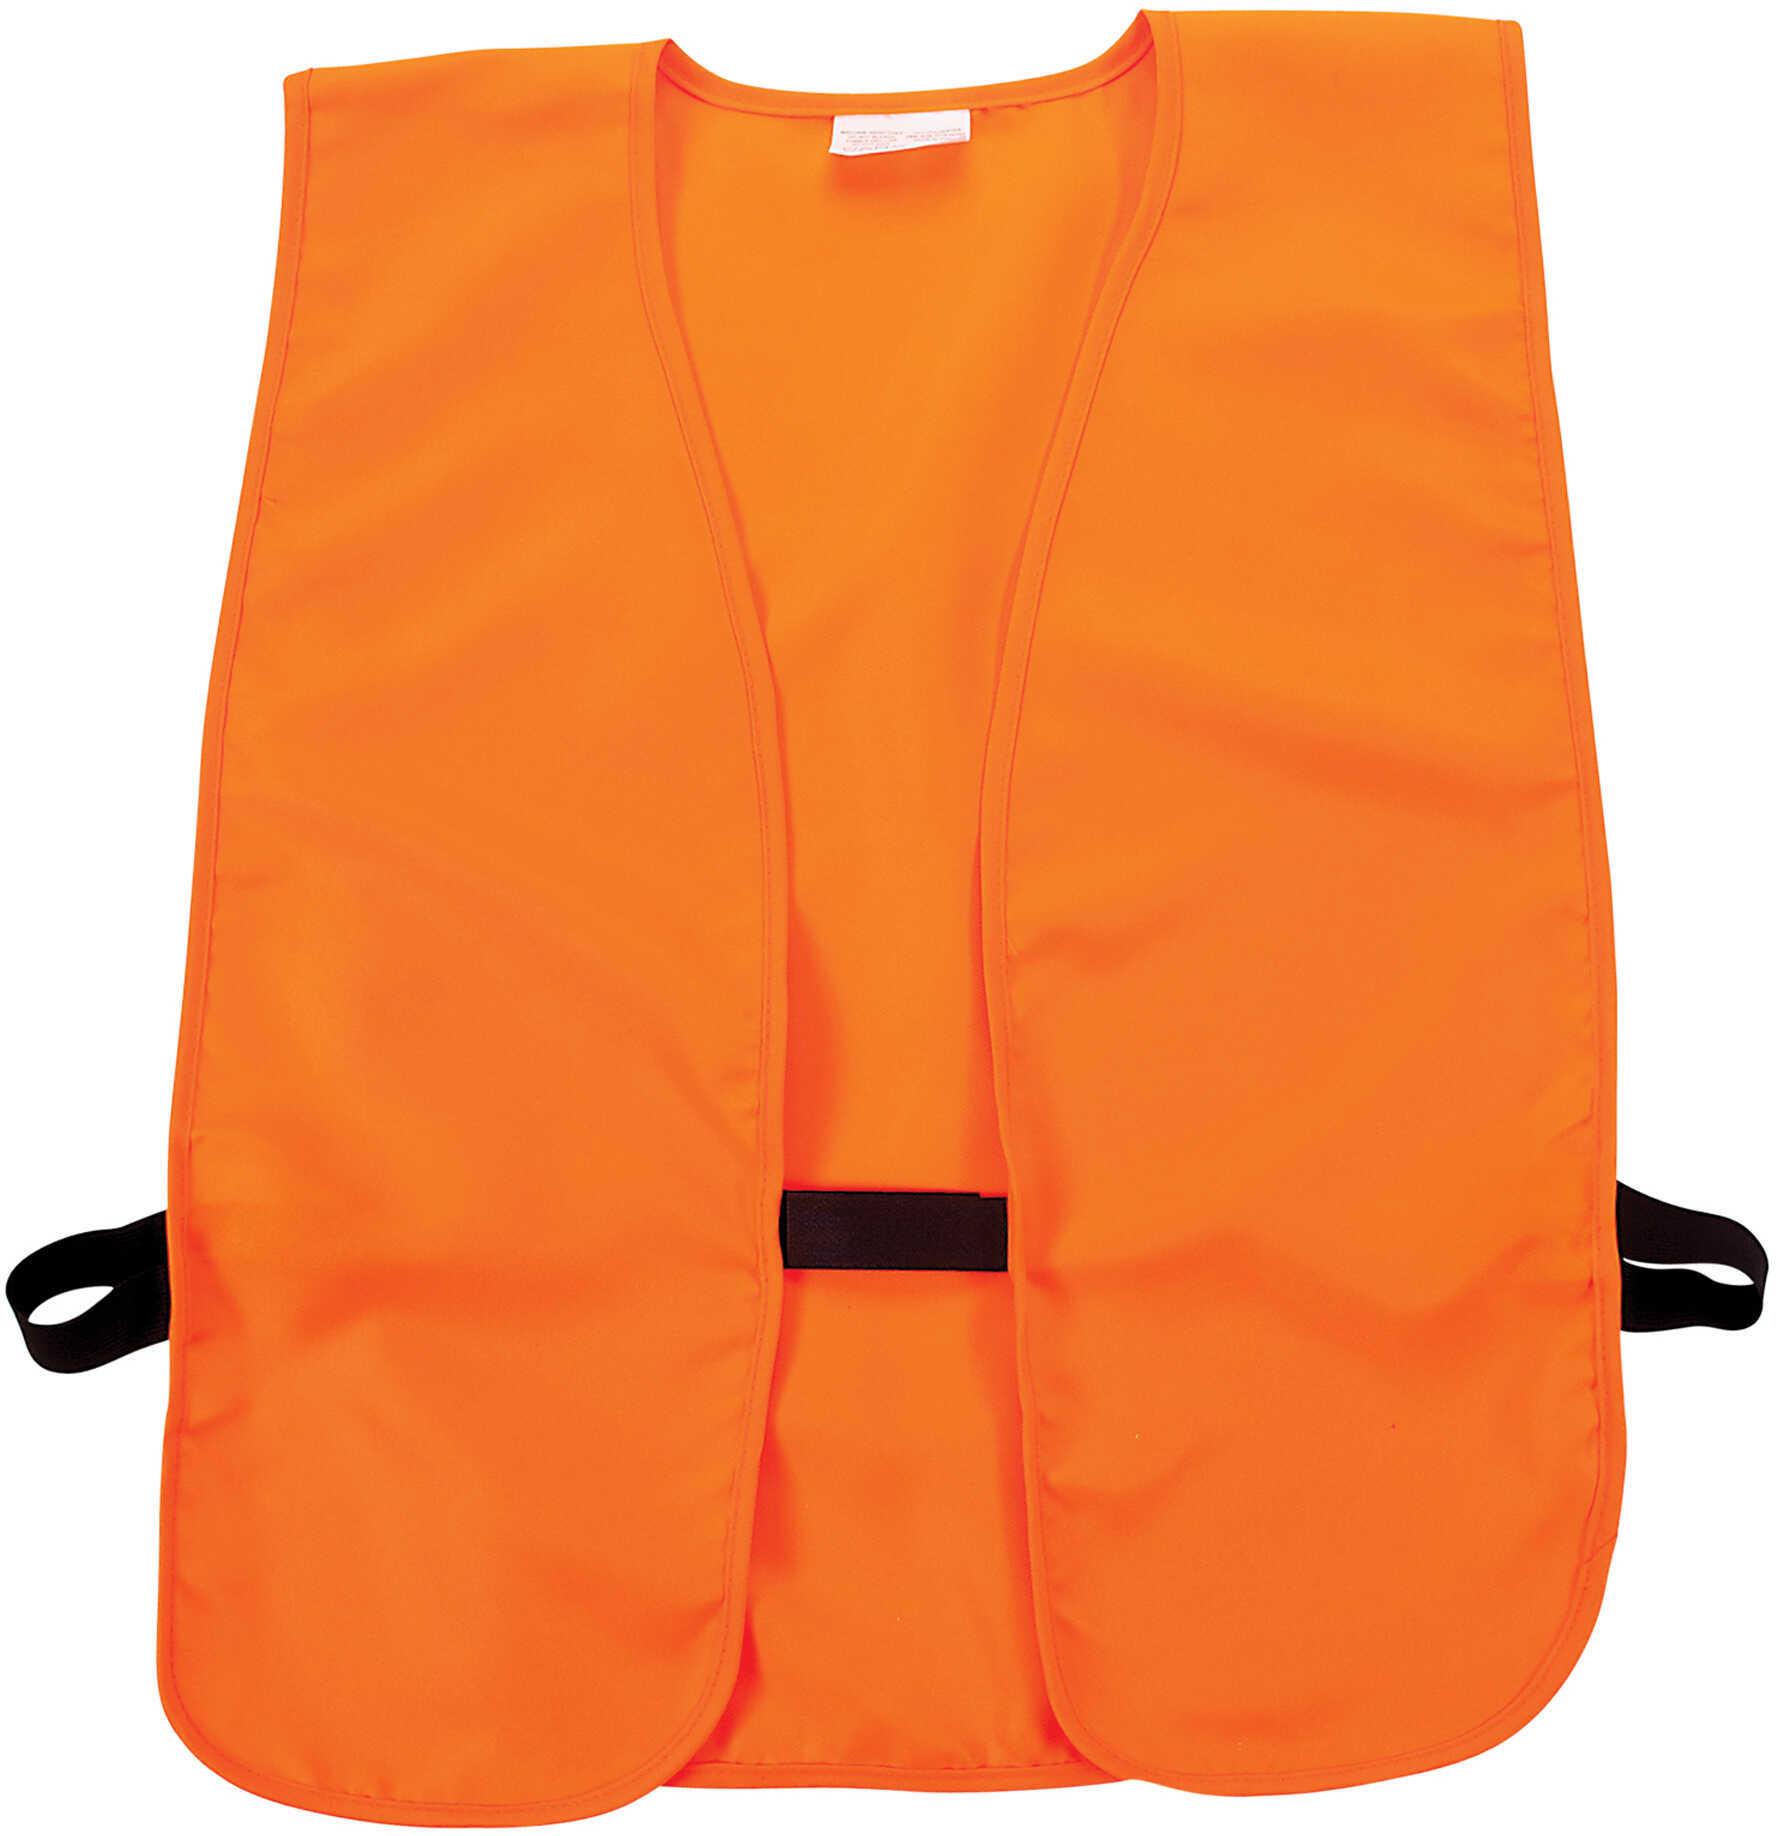 Allen Cases Adult Safety Vest Orange 15752